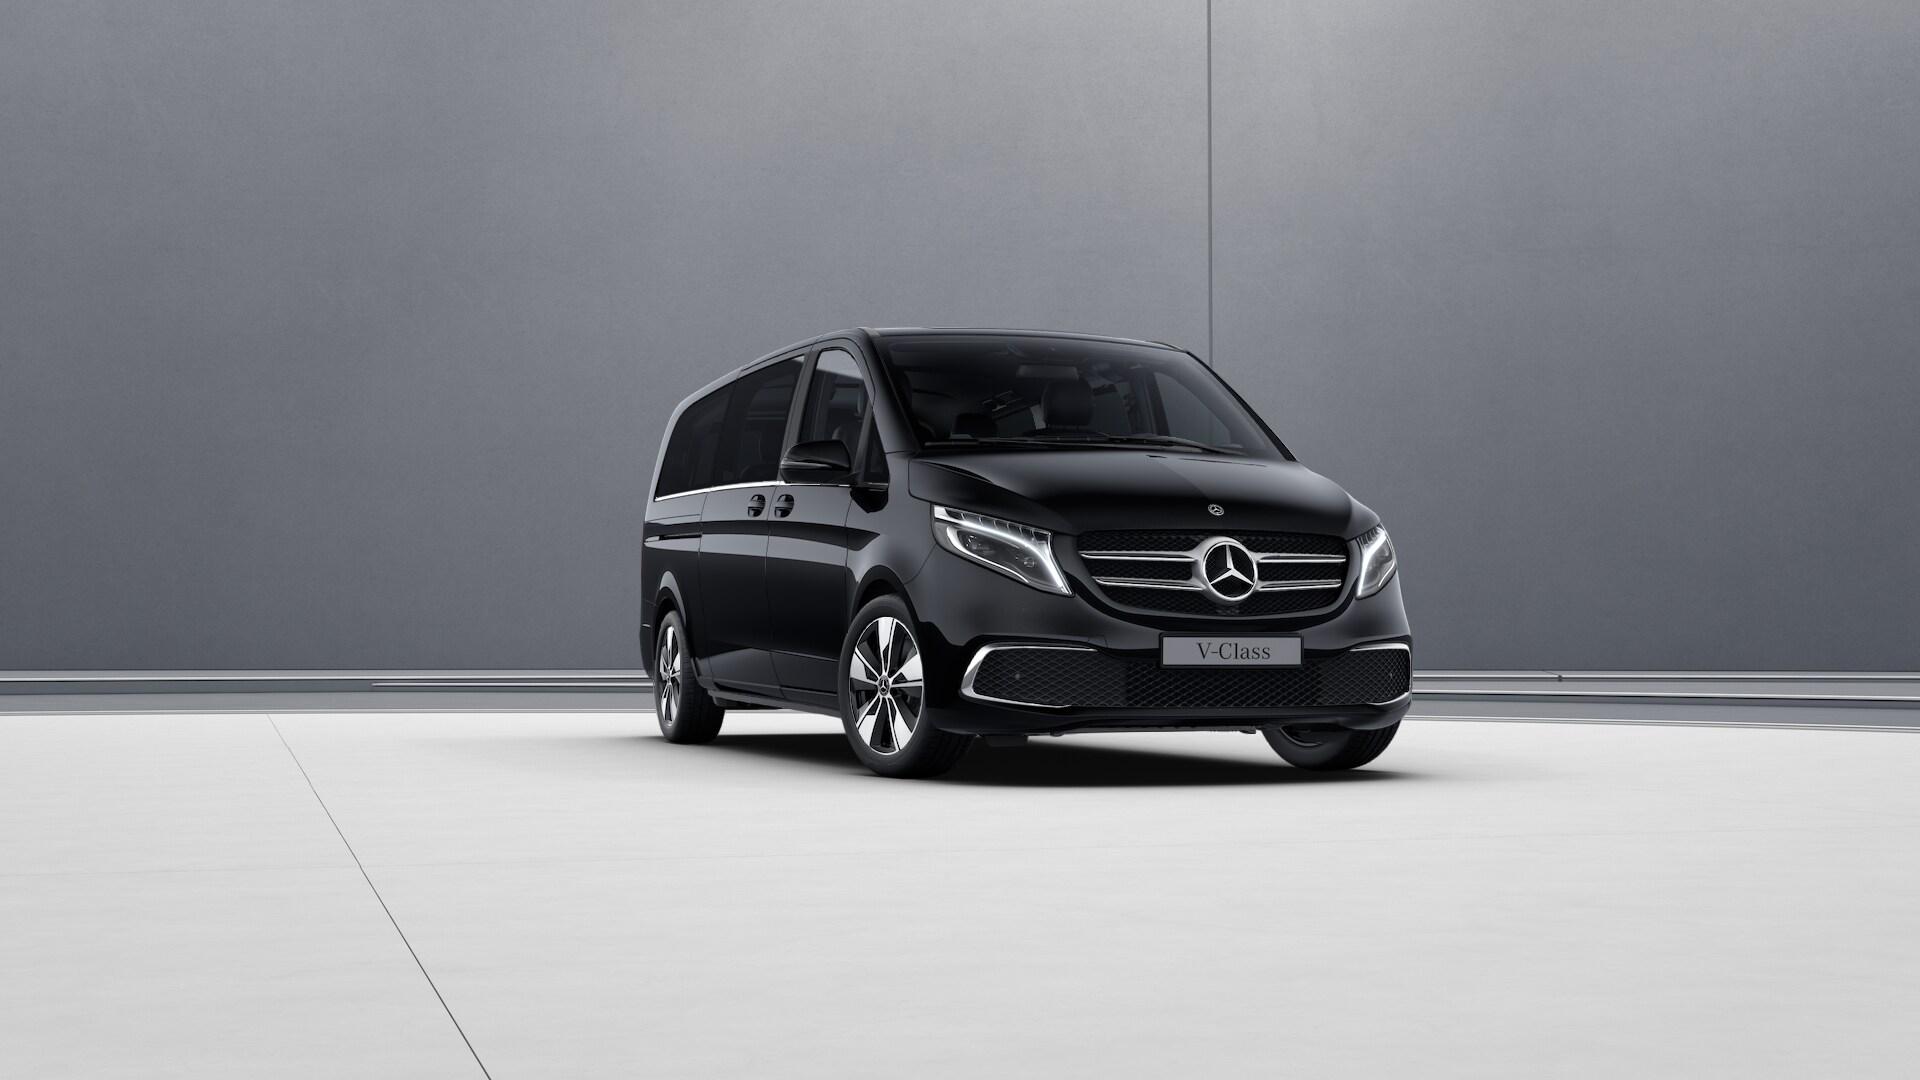 Van vehicle pictures-Image-1